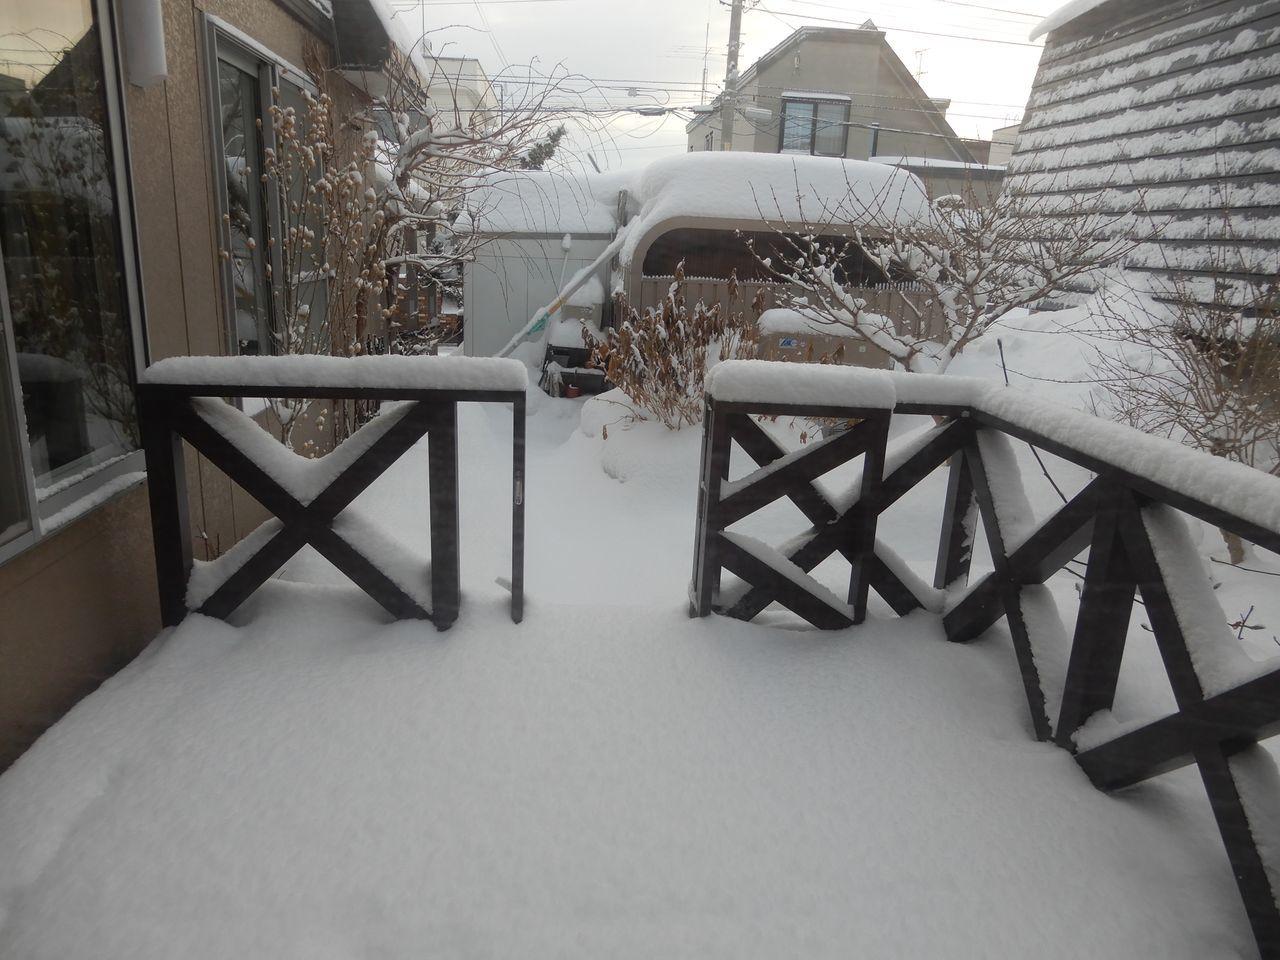 久しぶりに本格的積雪の朝_c0025115_20321154.jpg